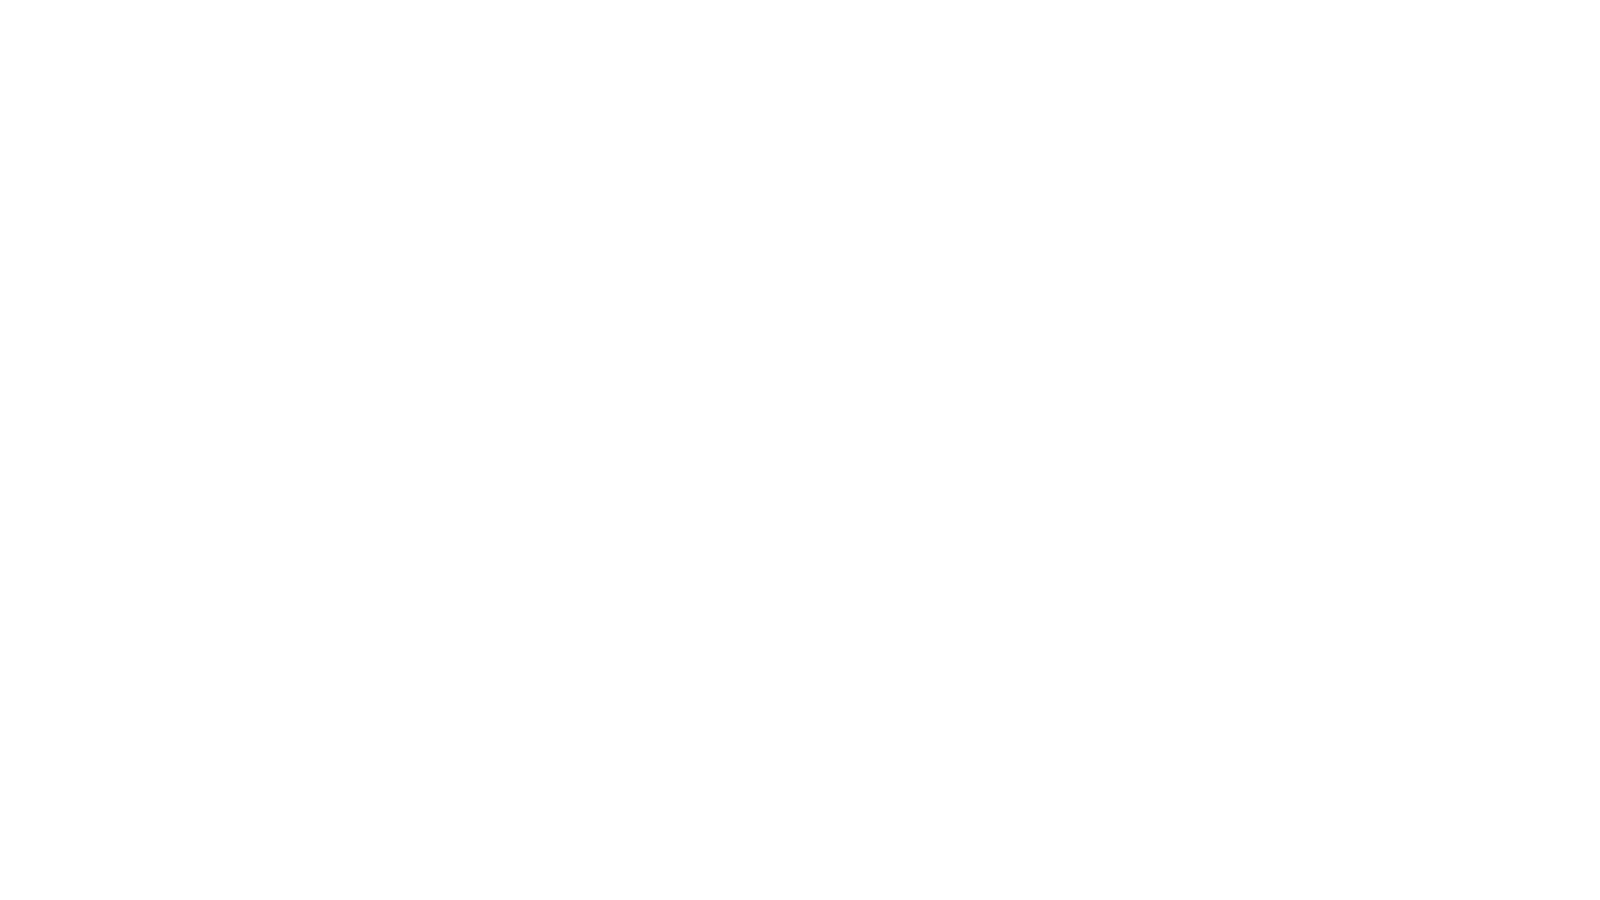 高雄生活の中で買って良かった物シリーズ2  この動画では台湾「高雄」で買って良かった物をご紹介しています  今回買った物の店舗はこちら↓  ・Filter017 Convertible Utility Long Sleeve T-Shirt 拆袖機能長袖T  https://www.filter017.com/crealive  ・PACKABLE G-SHORTS   https://store.gramicci.jp/c/mens/shortpants_m/packable-g-shorts   ブログでも解説しています  https://www.rubik10.com/高雄で買って良かったもの/   https://www.rubik10.com/2021年%E3%80%80高雄で買って良かった物%E3%80%802/